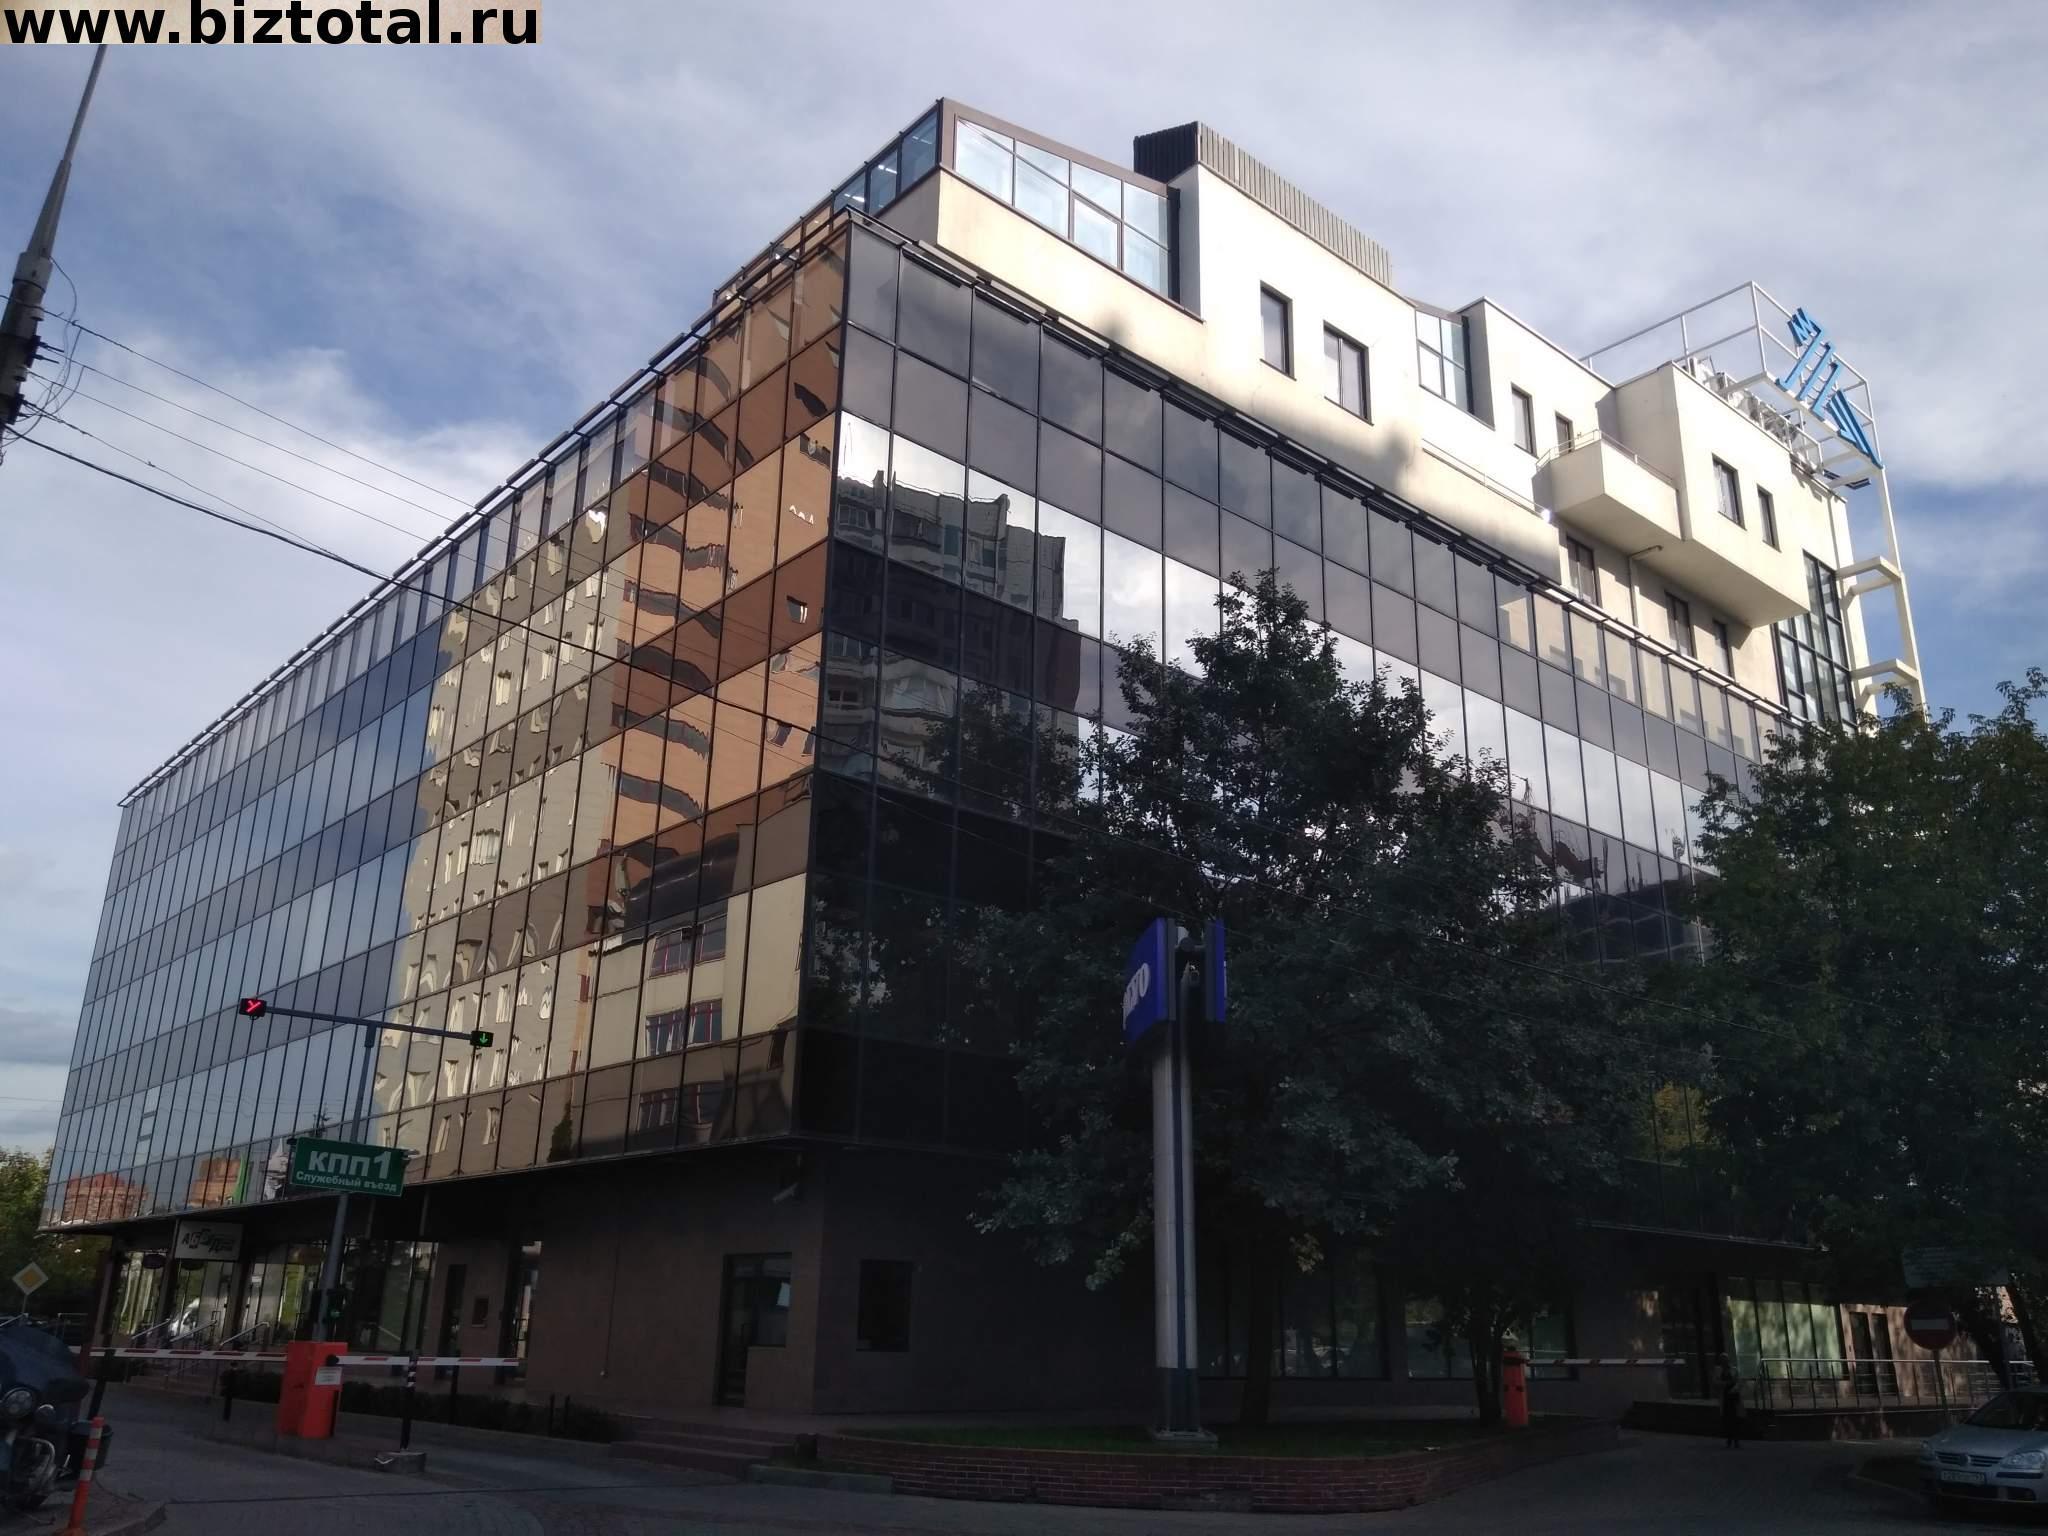 Офис в аренду на 3 этаже 7-этажного бизнес-центра